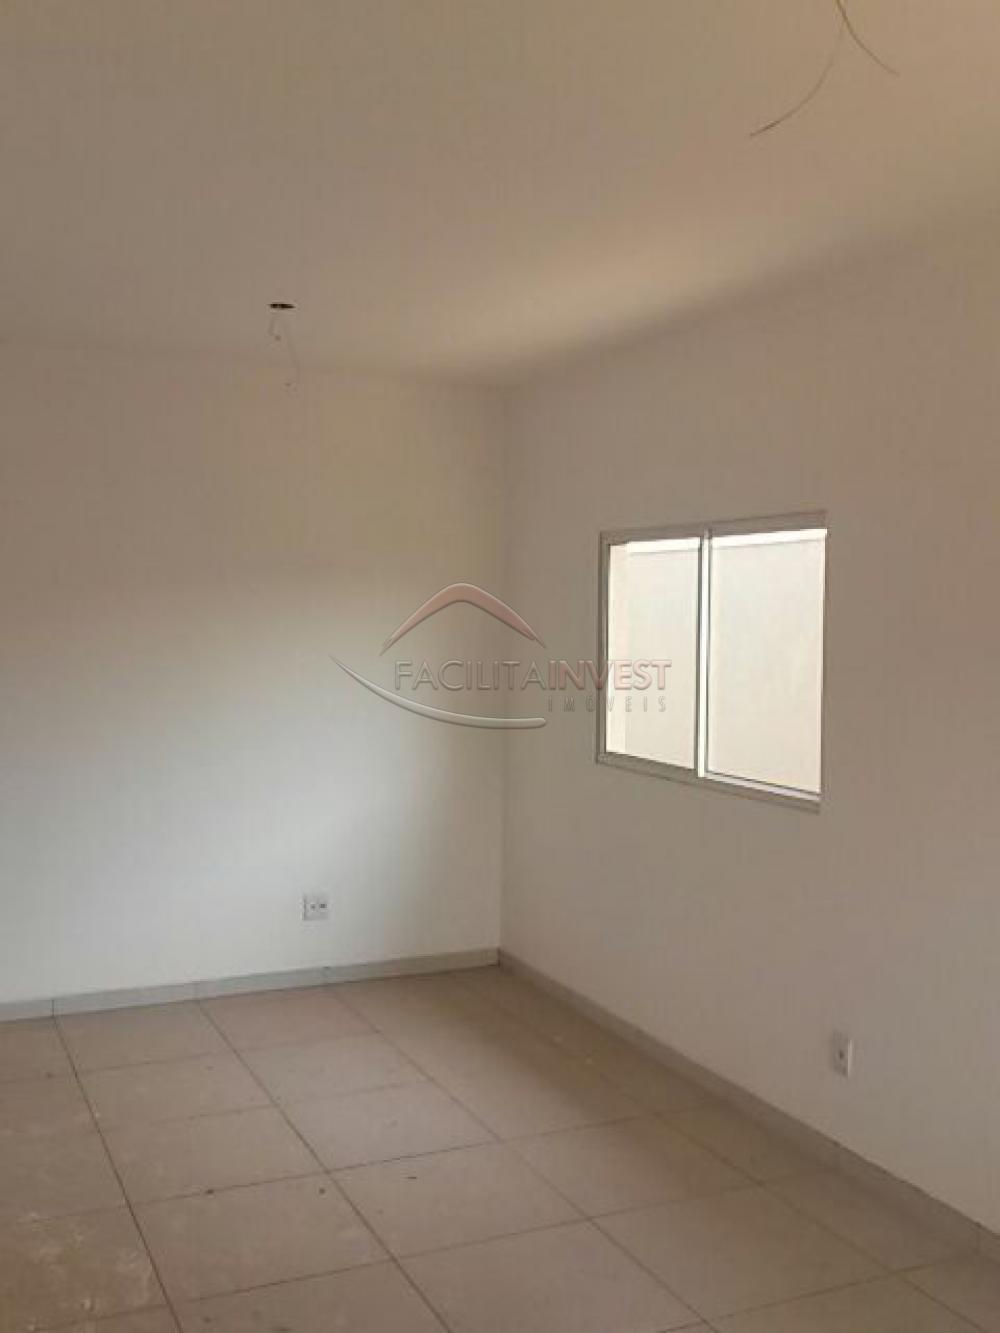 Comprar Casa Condomínio / Casa Condomínio em Ribeirão Preto apenas R$ 350.000,00 - Foto 5